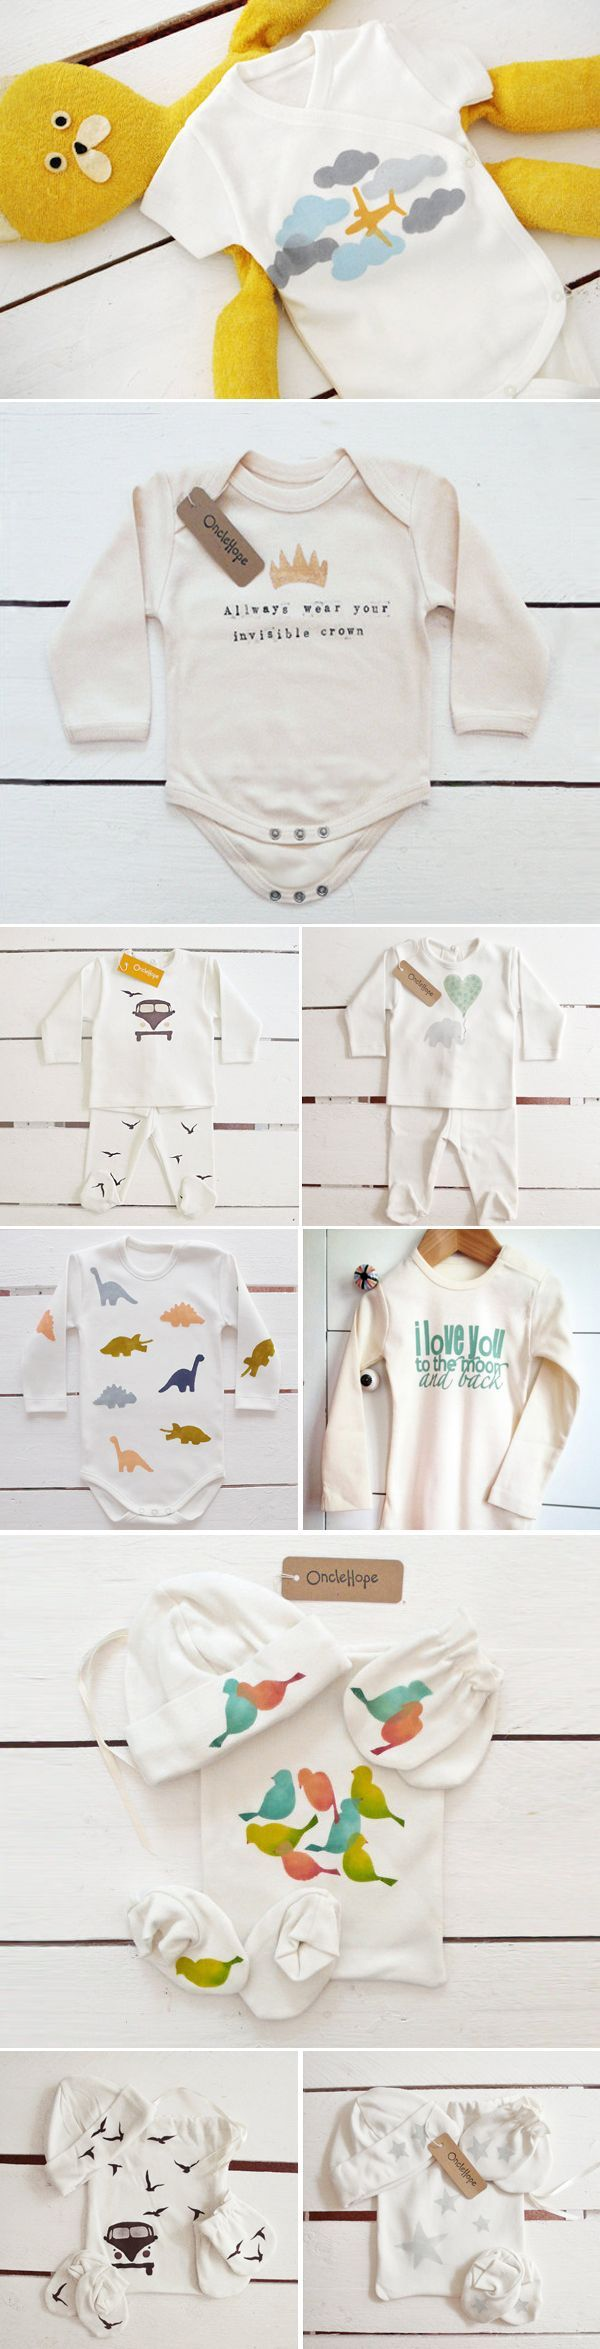 Stylish Unisex Baby Clothing